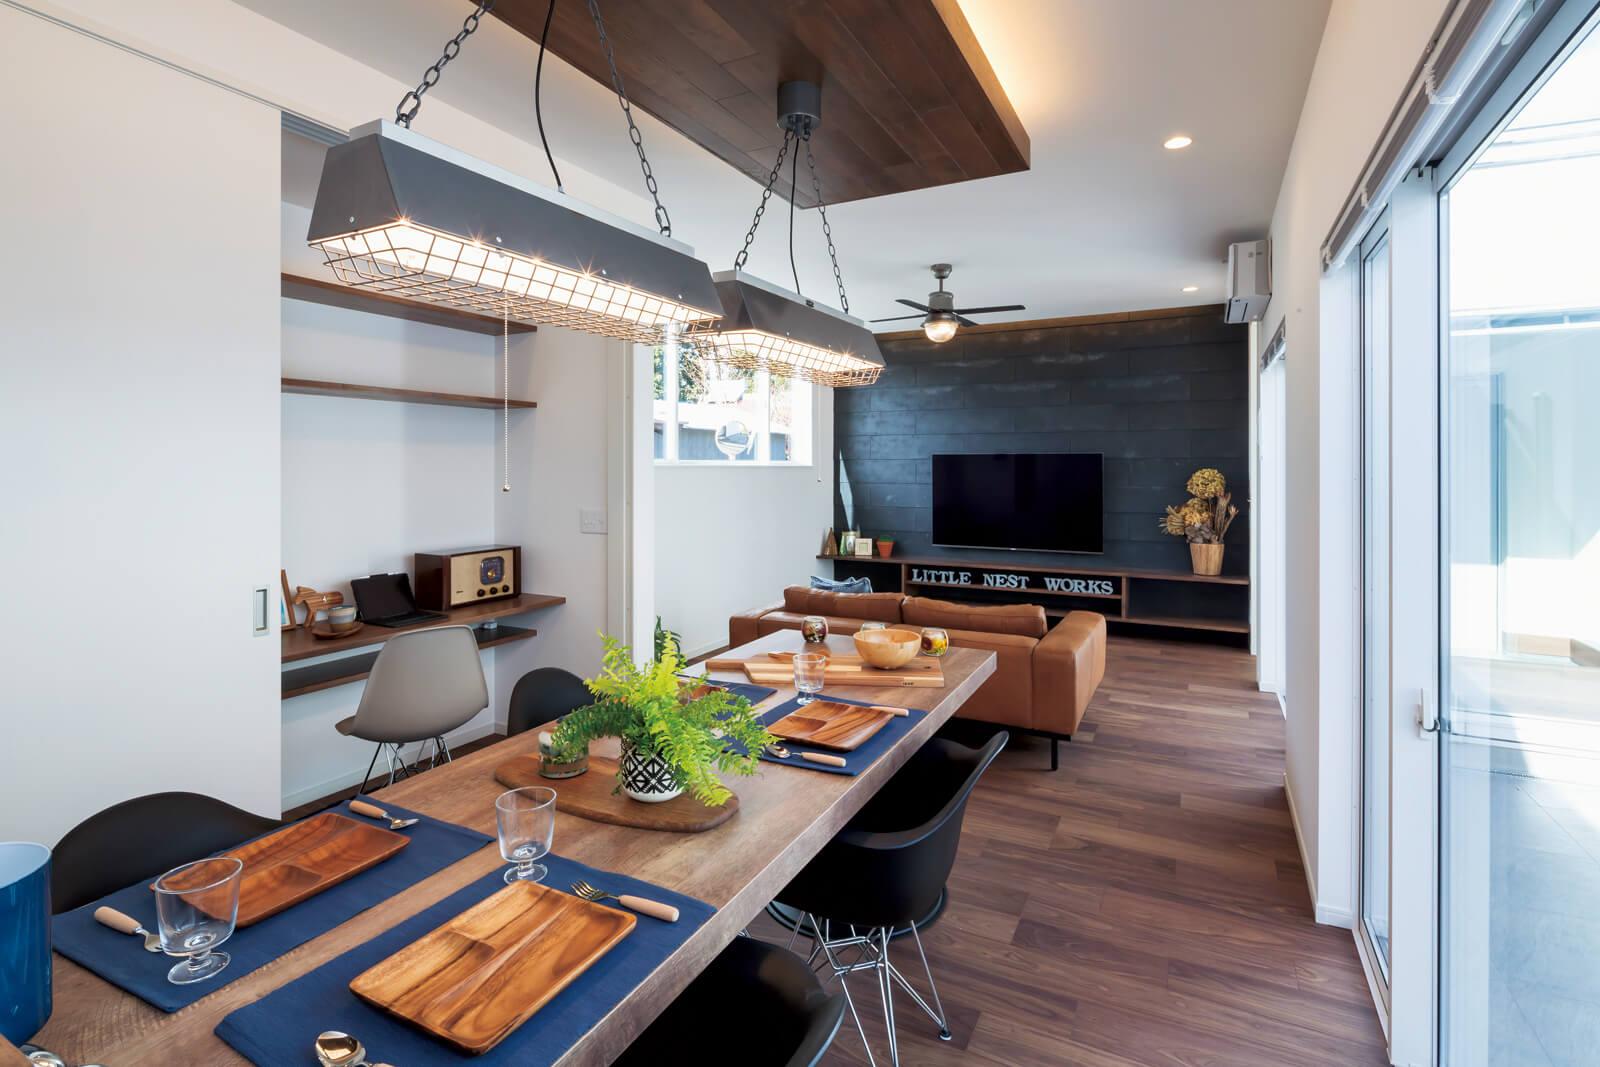 中庭に面した窓から陽射しが射し込むLDK。木製のテレビボード背 後の壁面は、システムキッチンまわりのタイルと同素材を使用。アクセ ントにダークグレーをバランスよく配置